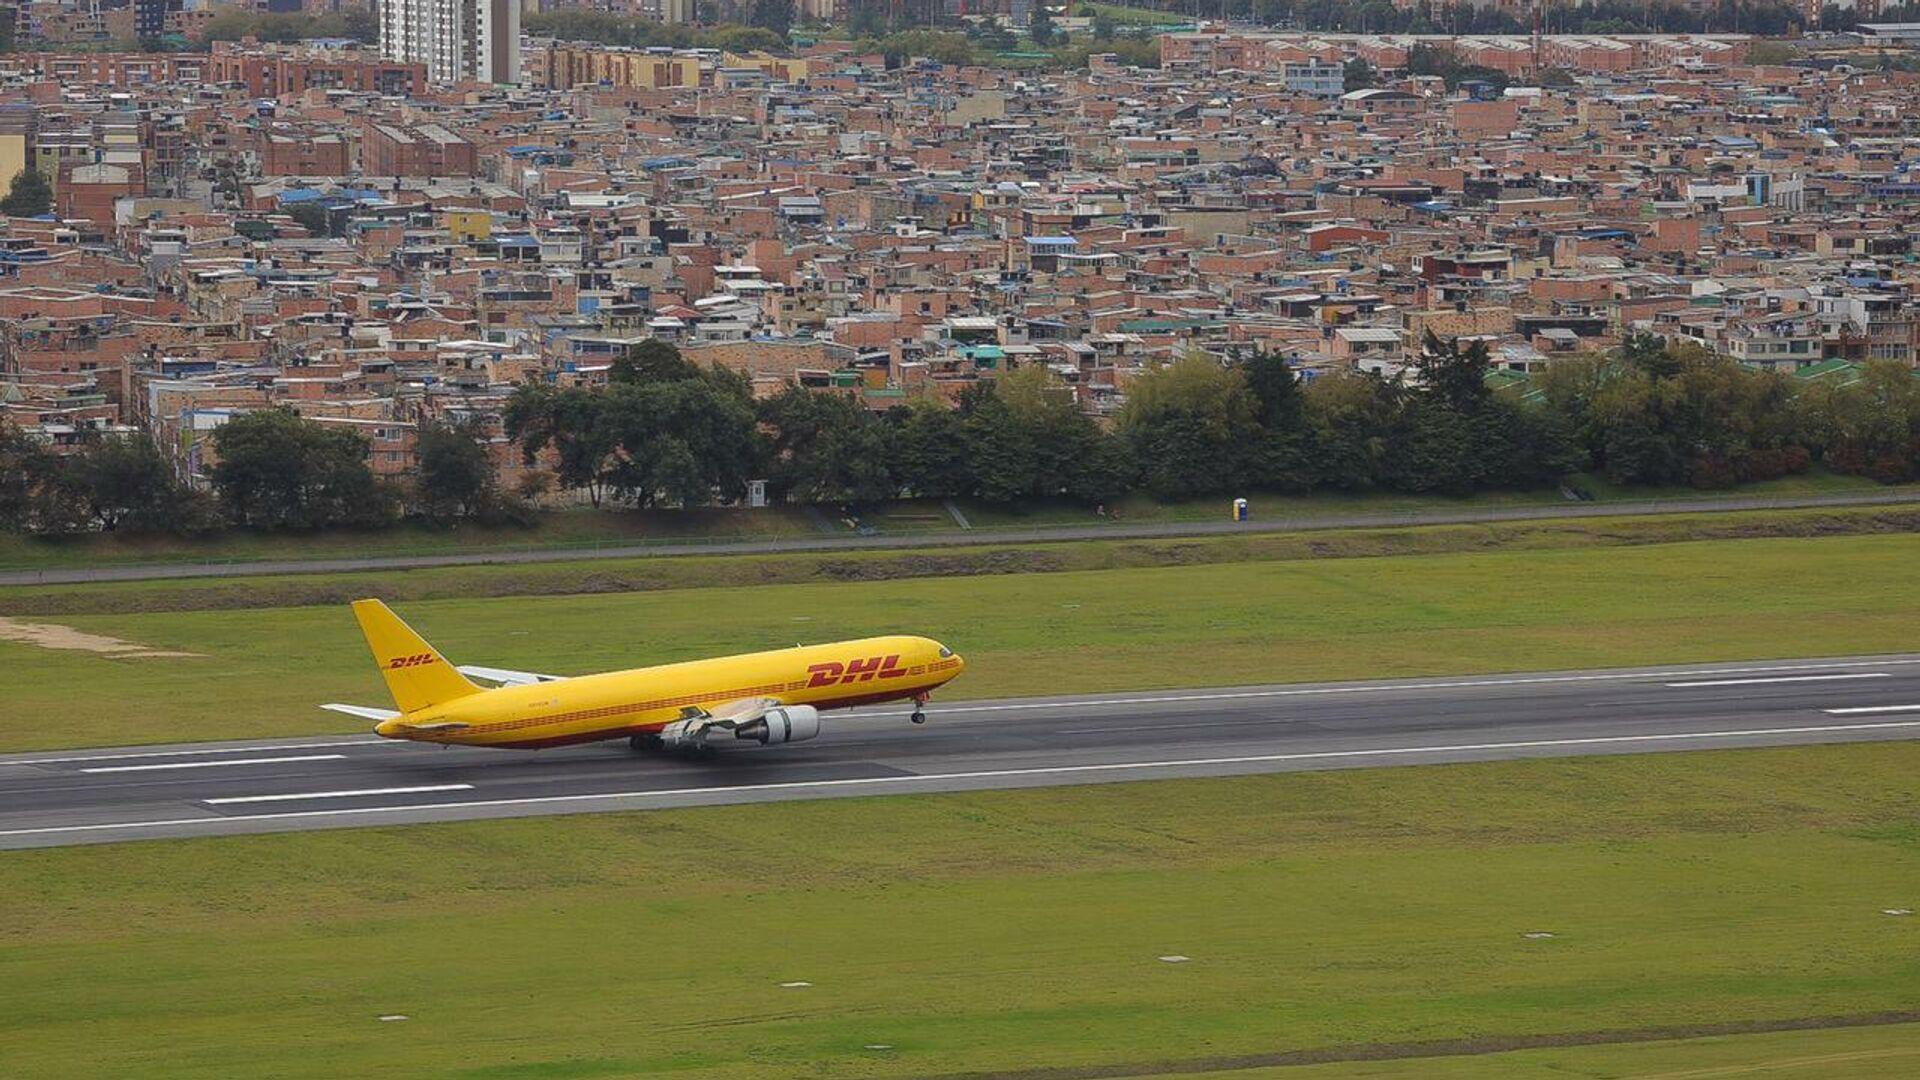 La llegada a Bogotá del avión con primeras vacunas contra COVID-19 para Colombia - Sputnik Mundo, 1920, 15.02.2021